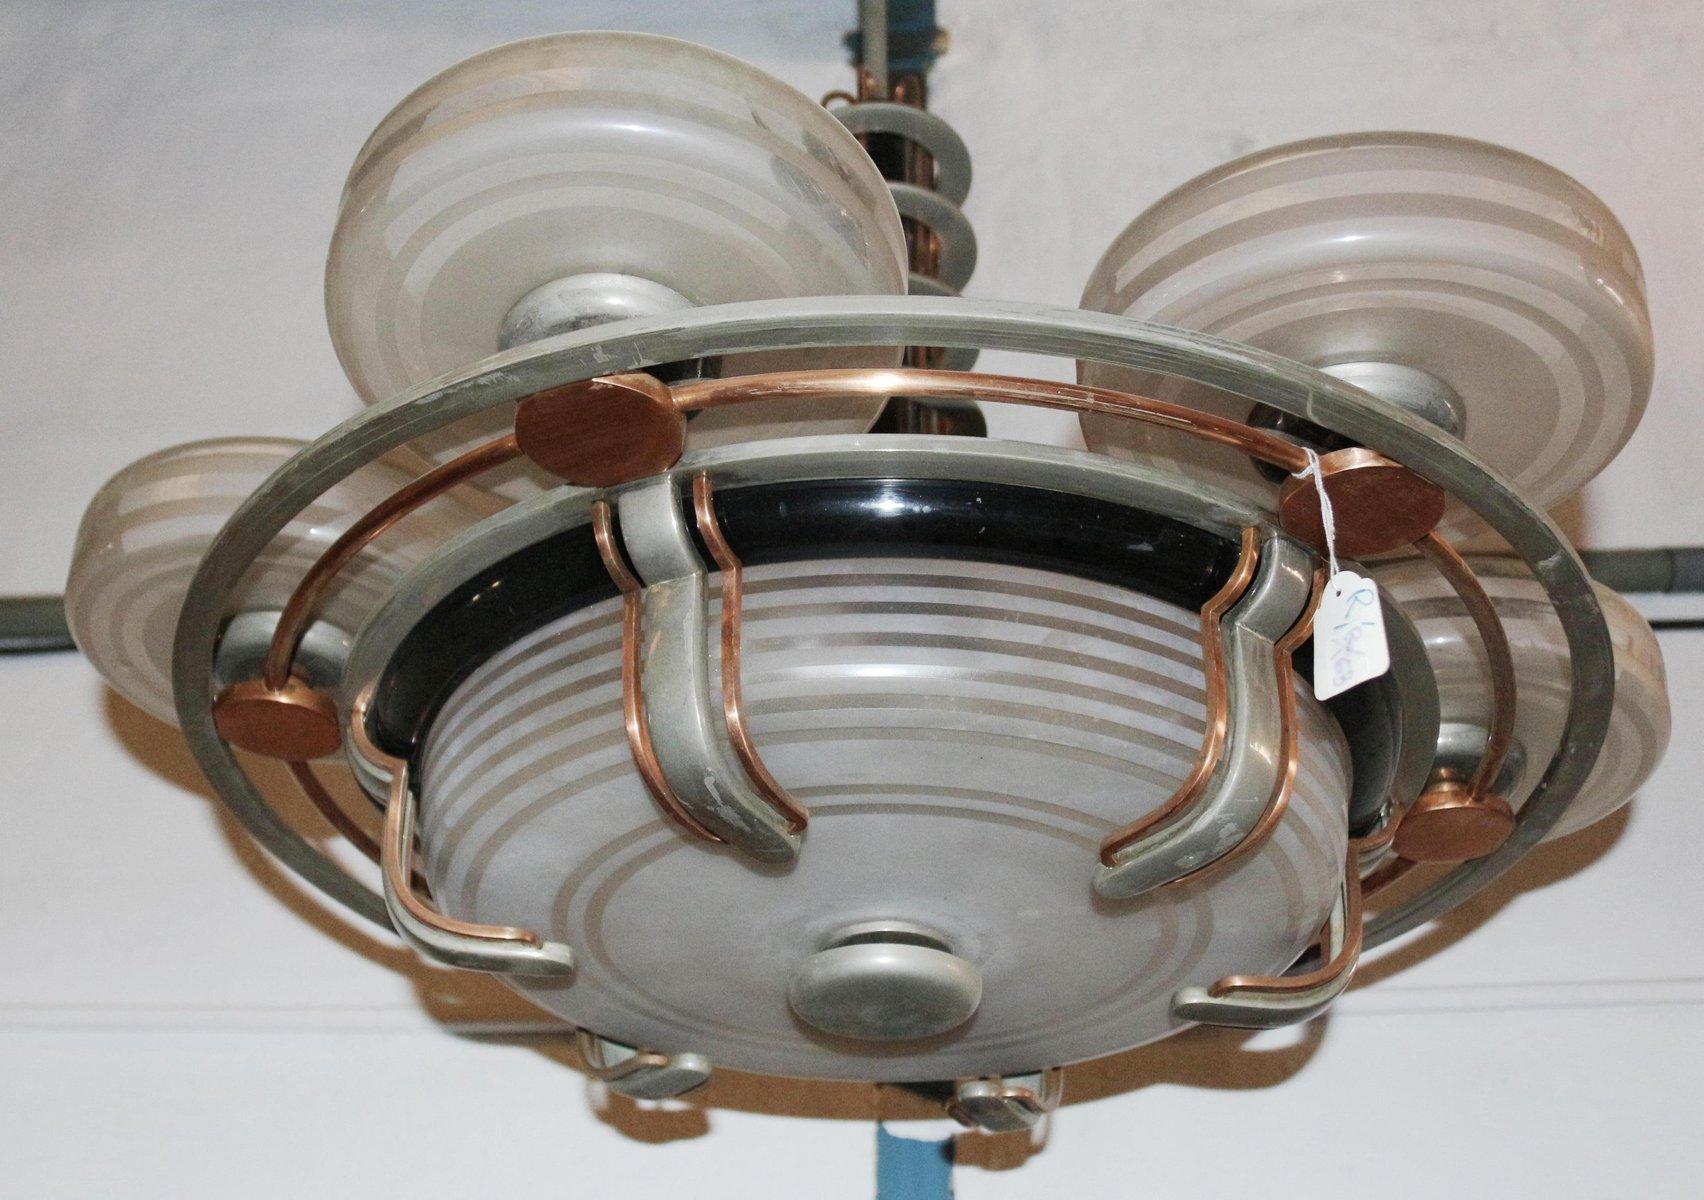 Art deco ufo skyscraper chandelier 1920s 6 price 11766 00 regular price 15226 00